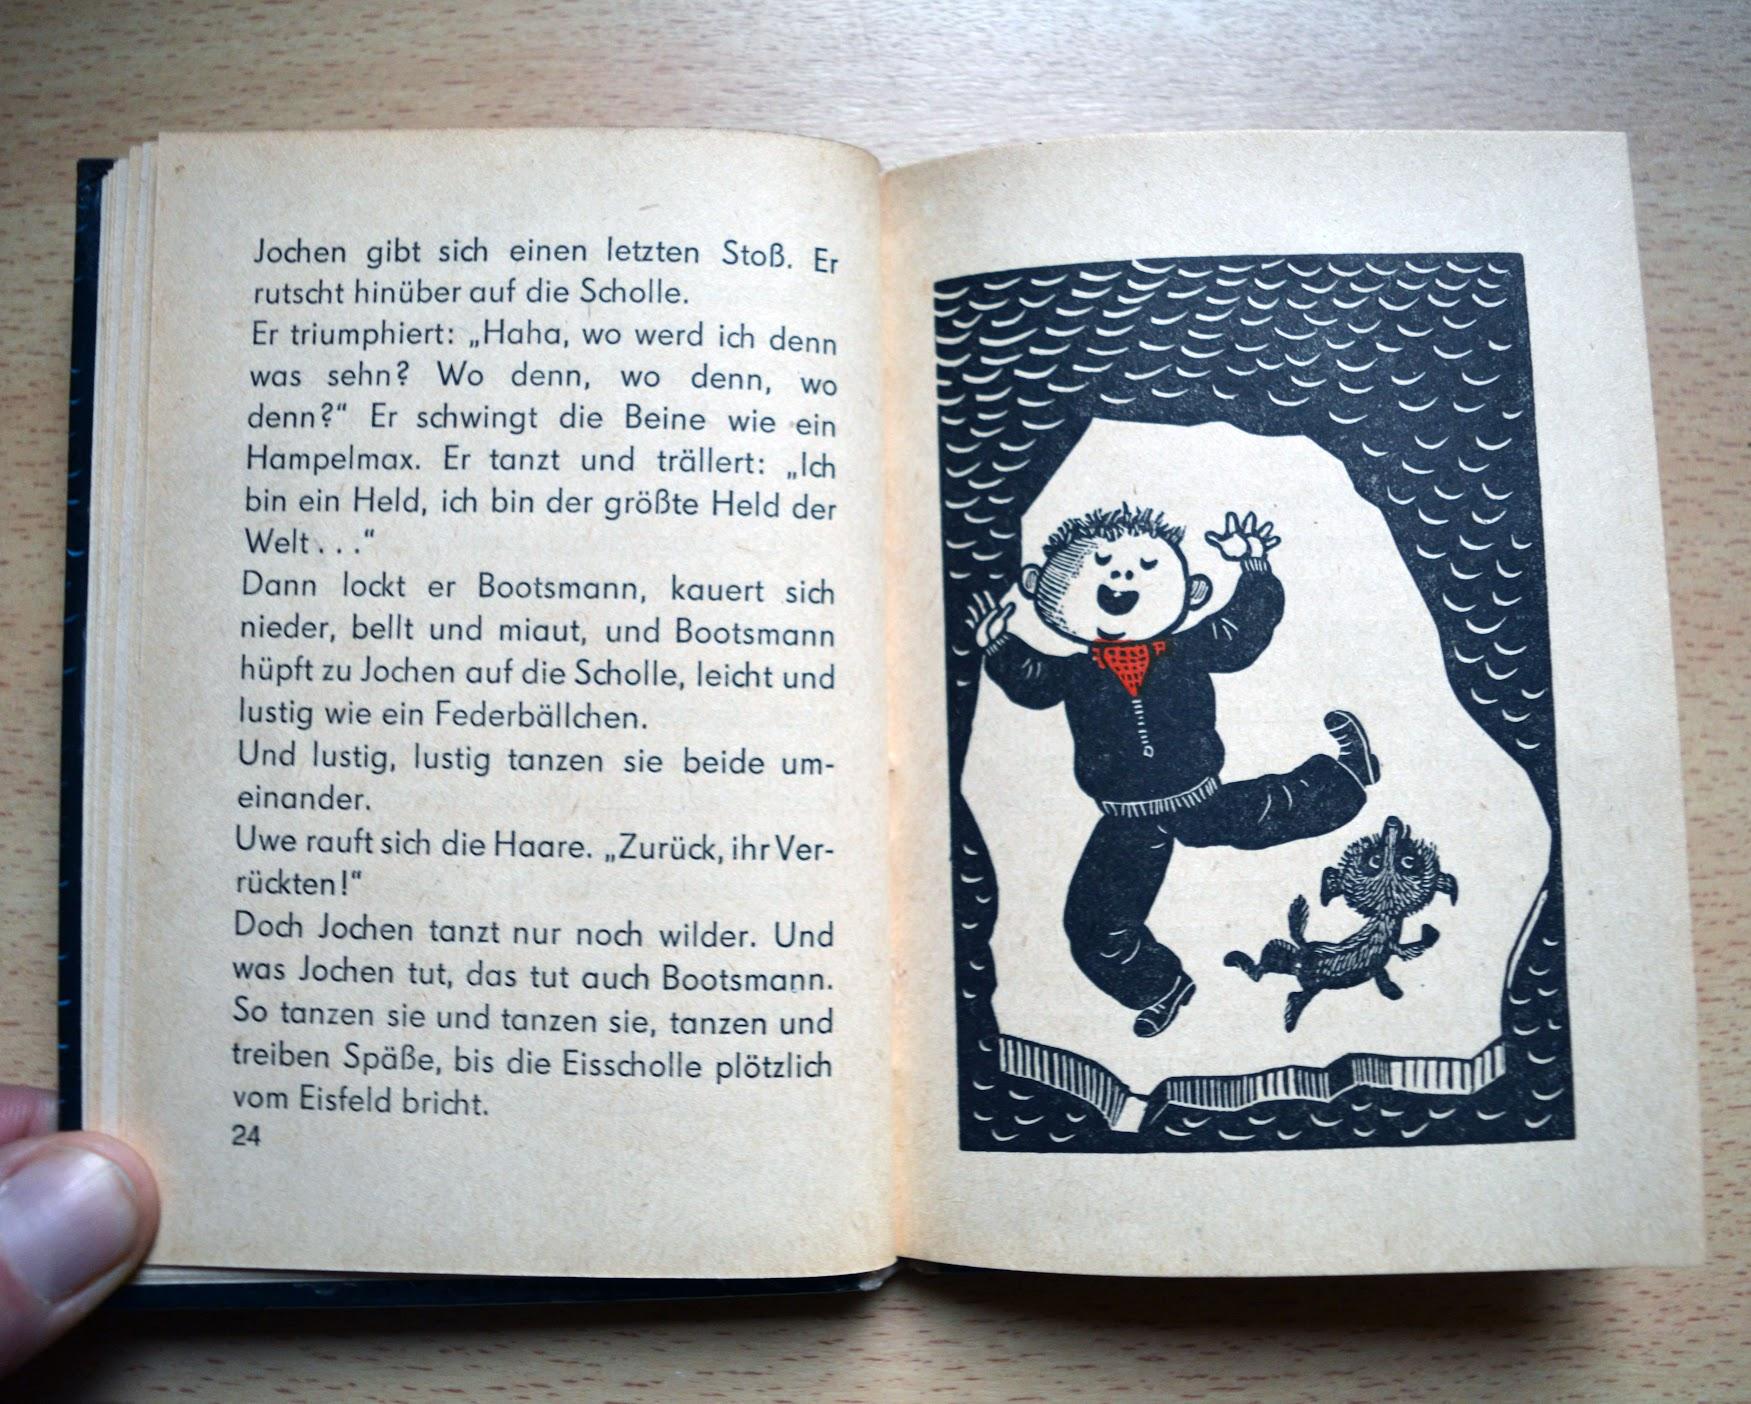 Benno Pludra - Bootsmann auf der Scholle - Trompeter-Buch - 1968